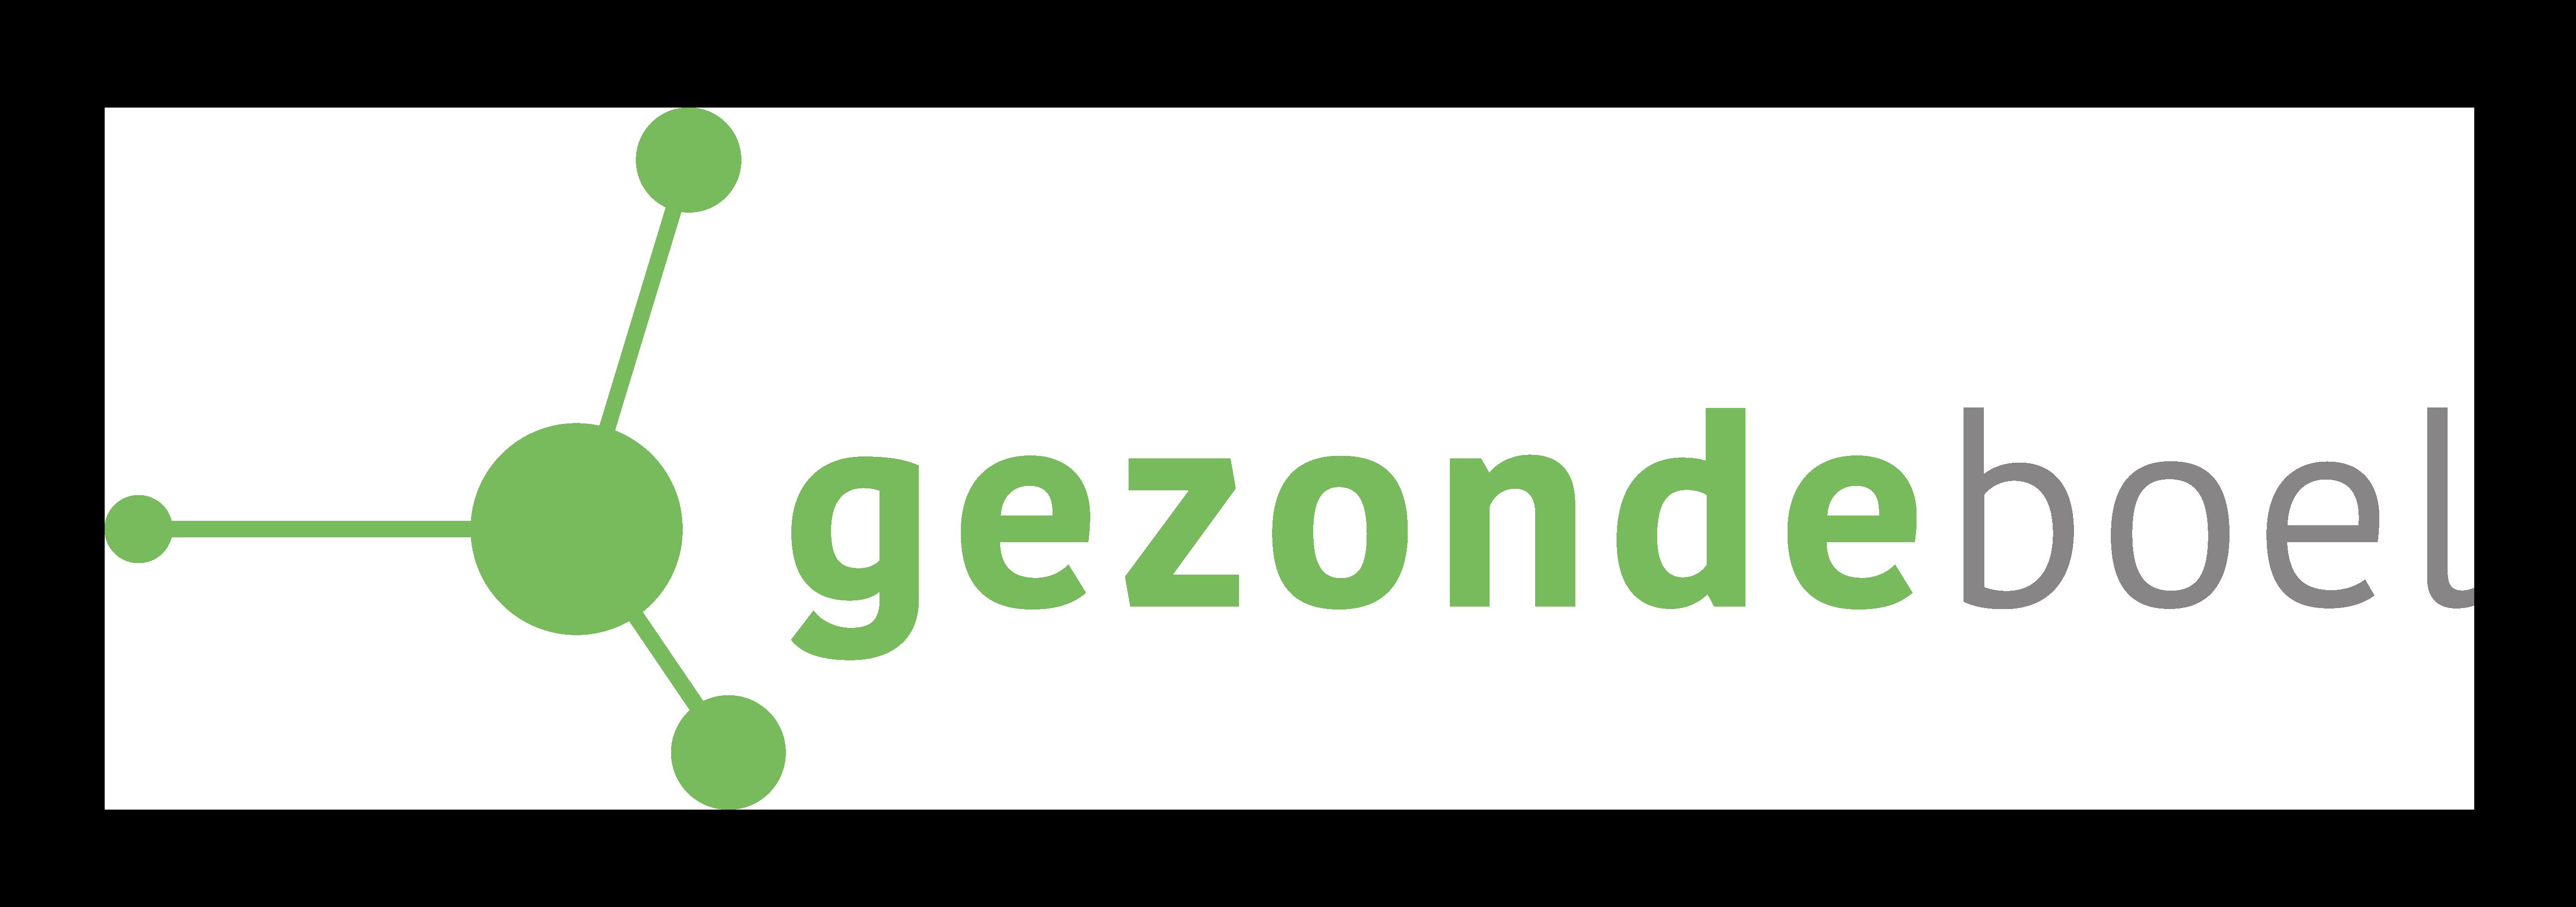 Gezondeboel